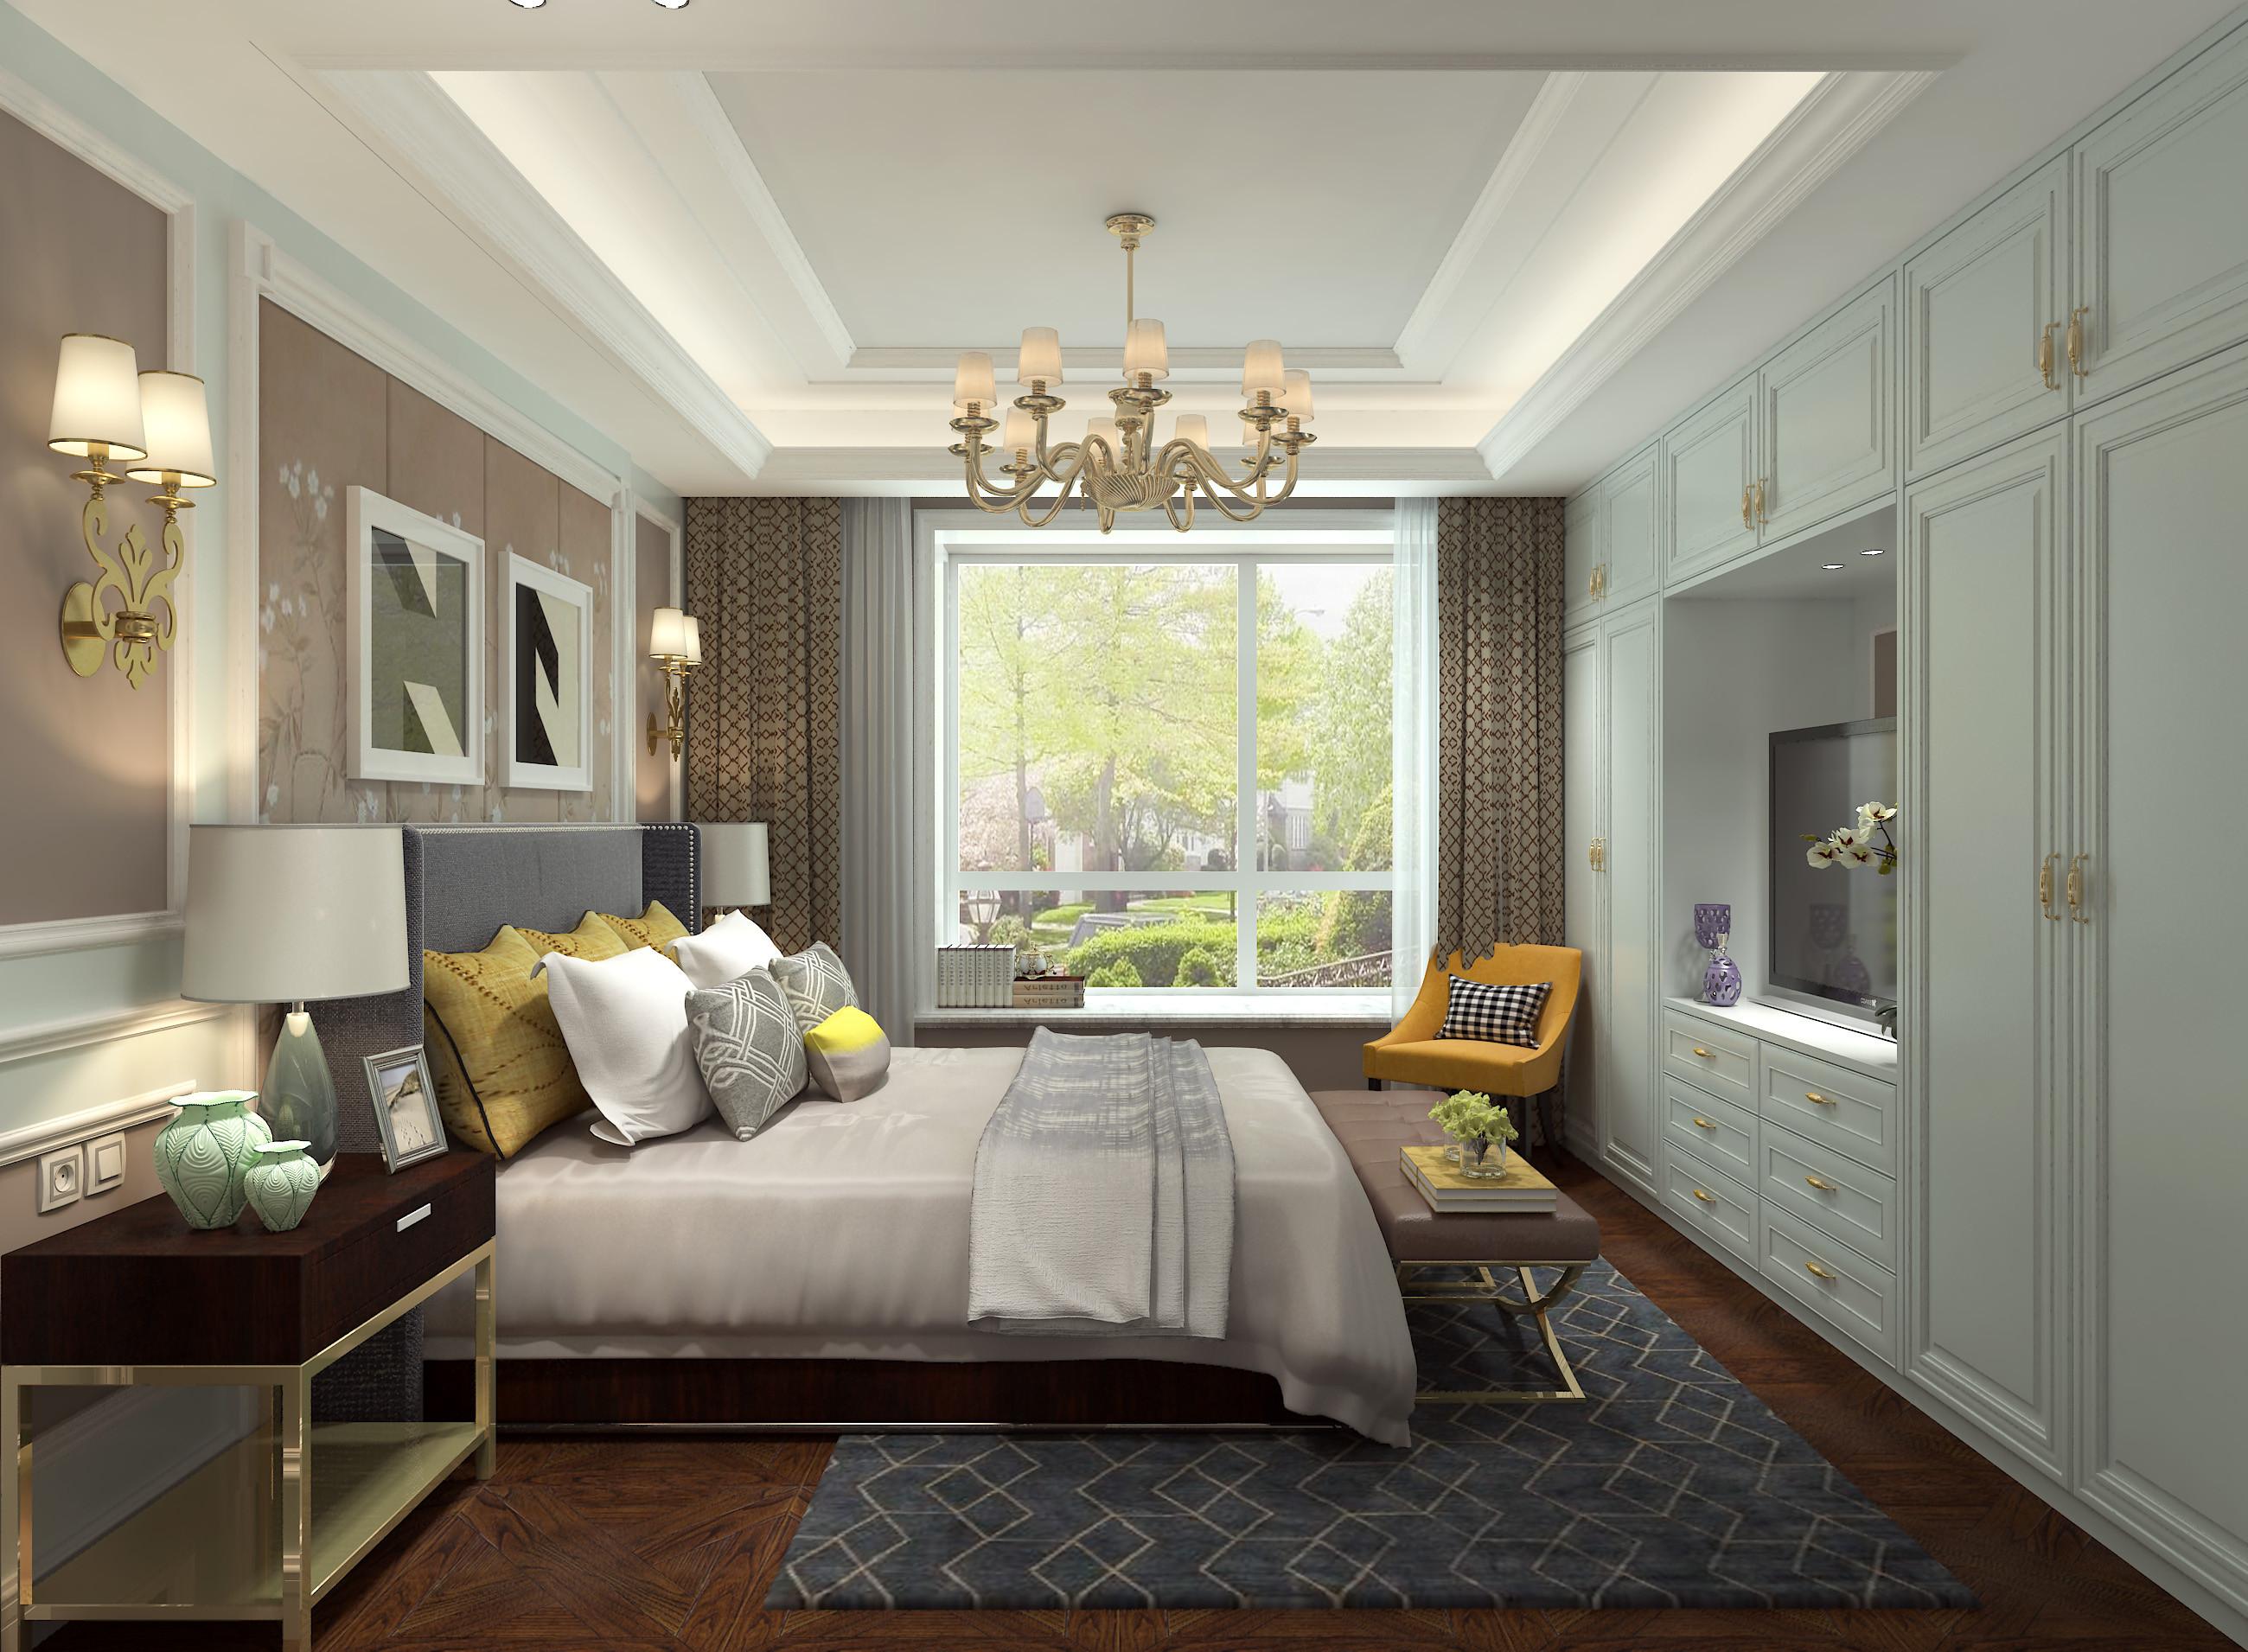 美式风格大户型装修效果图卧室吊顶设计